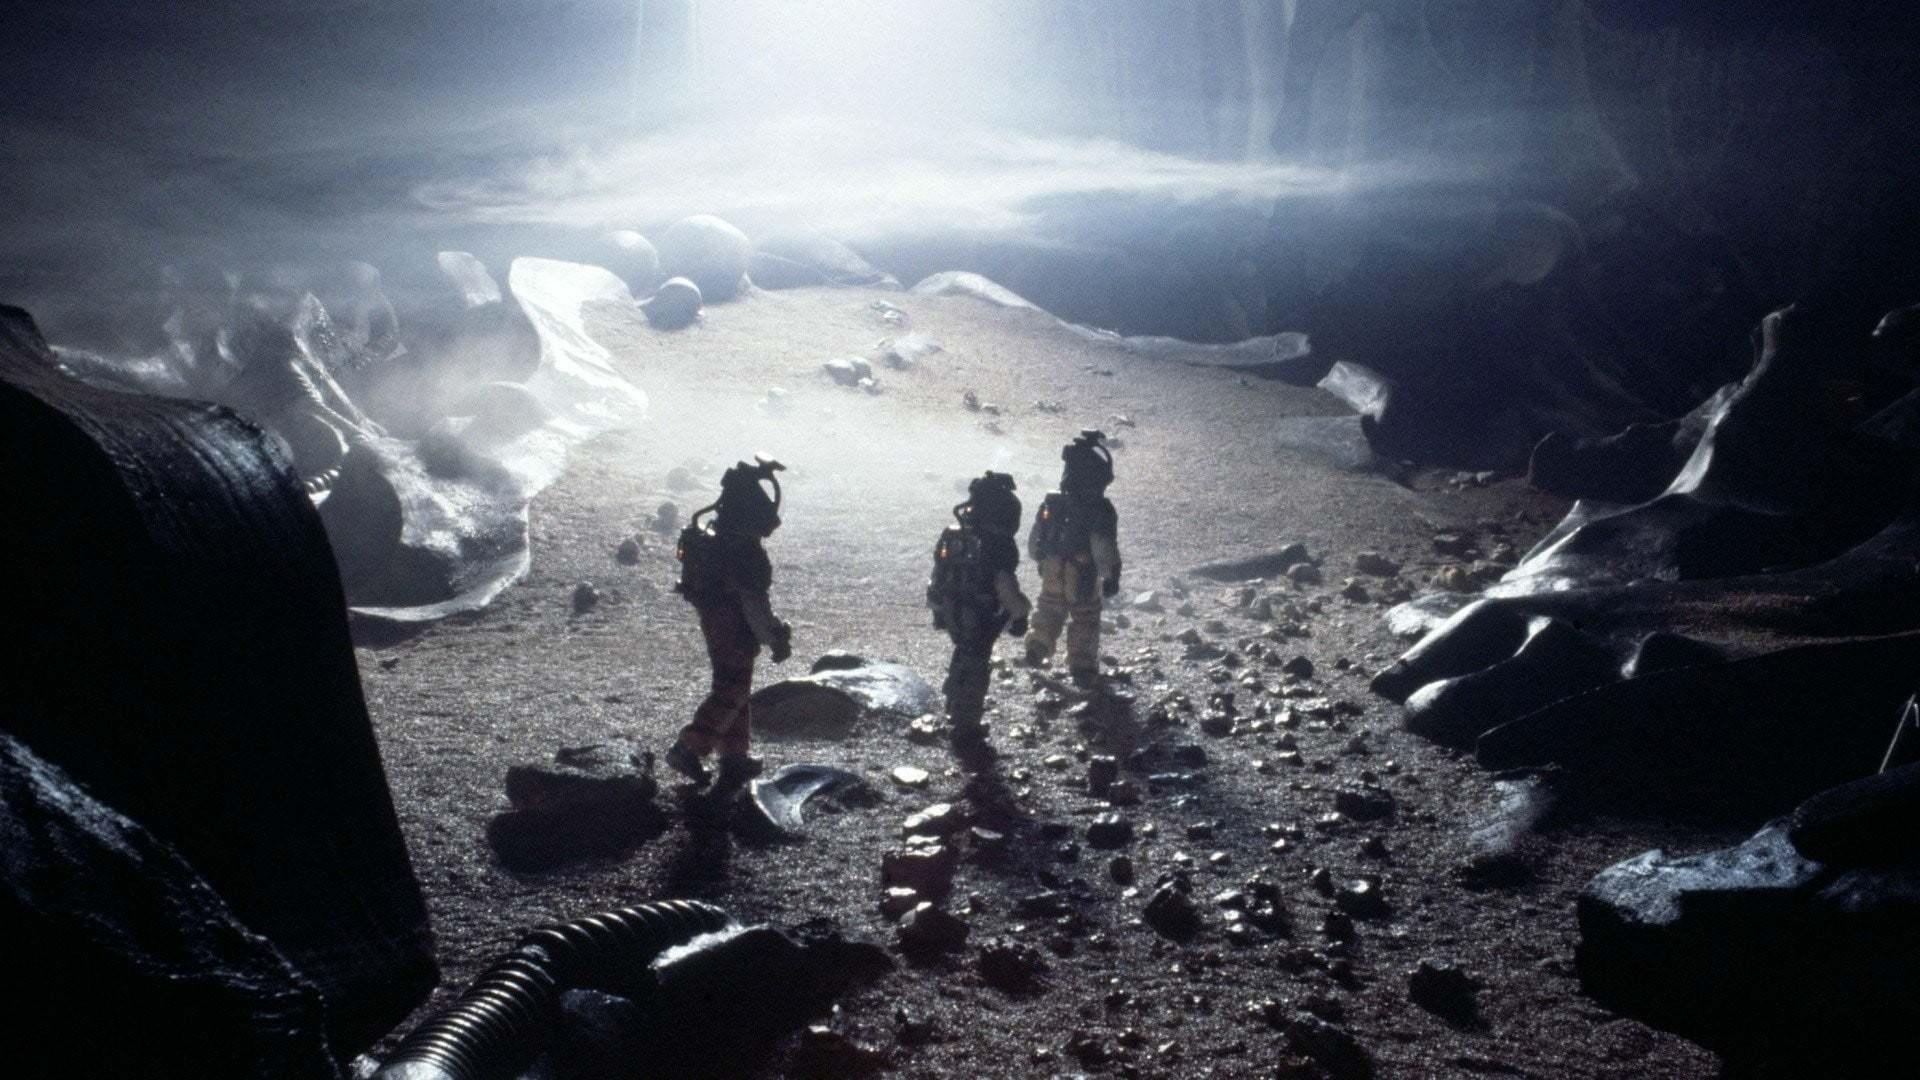 Кадры из фильма Чужой Alien 1979